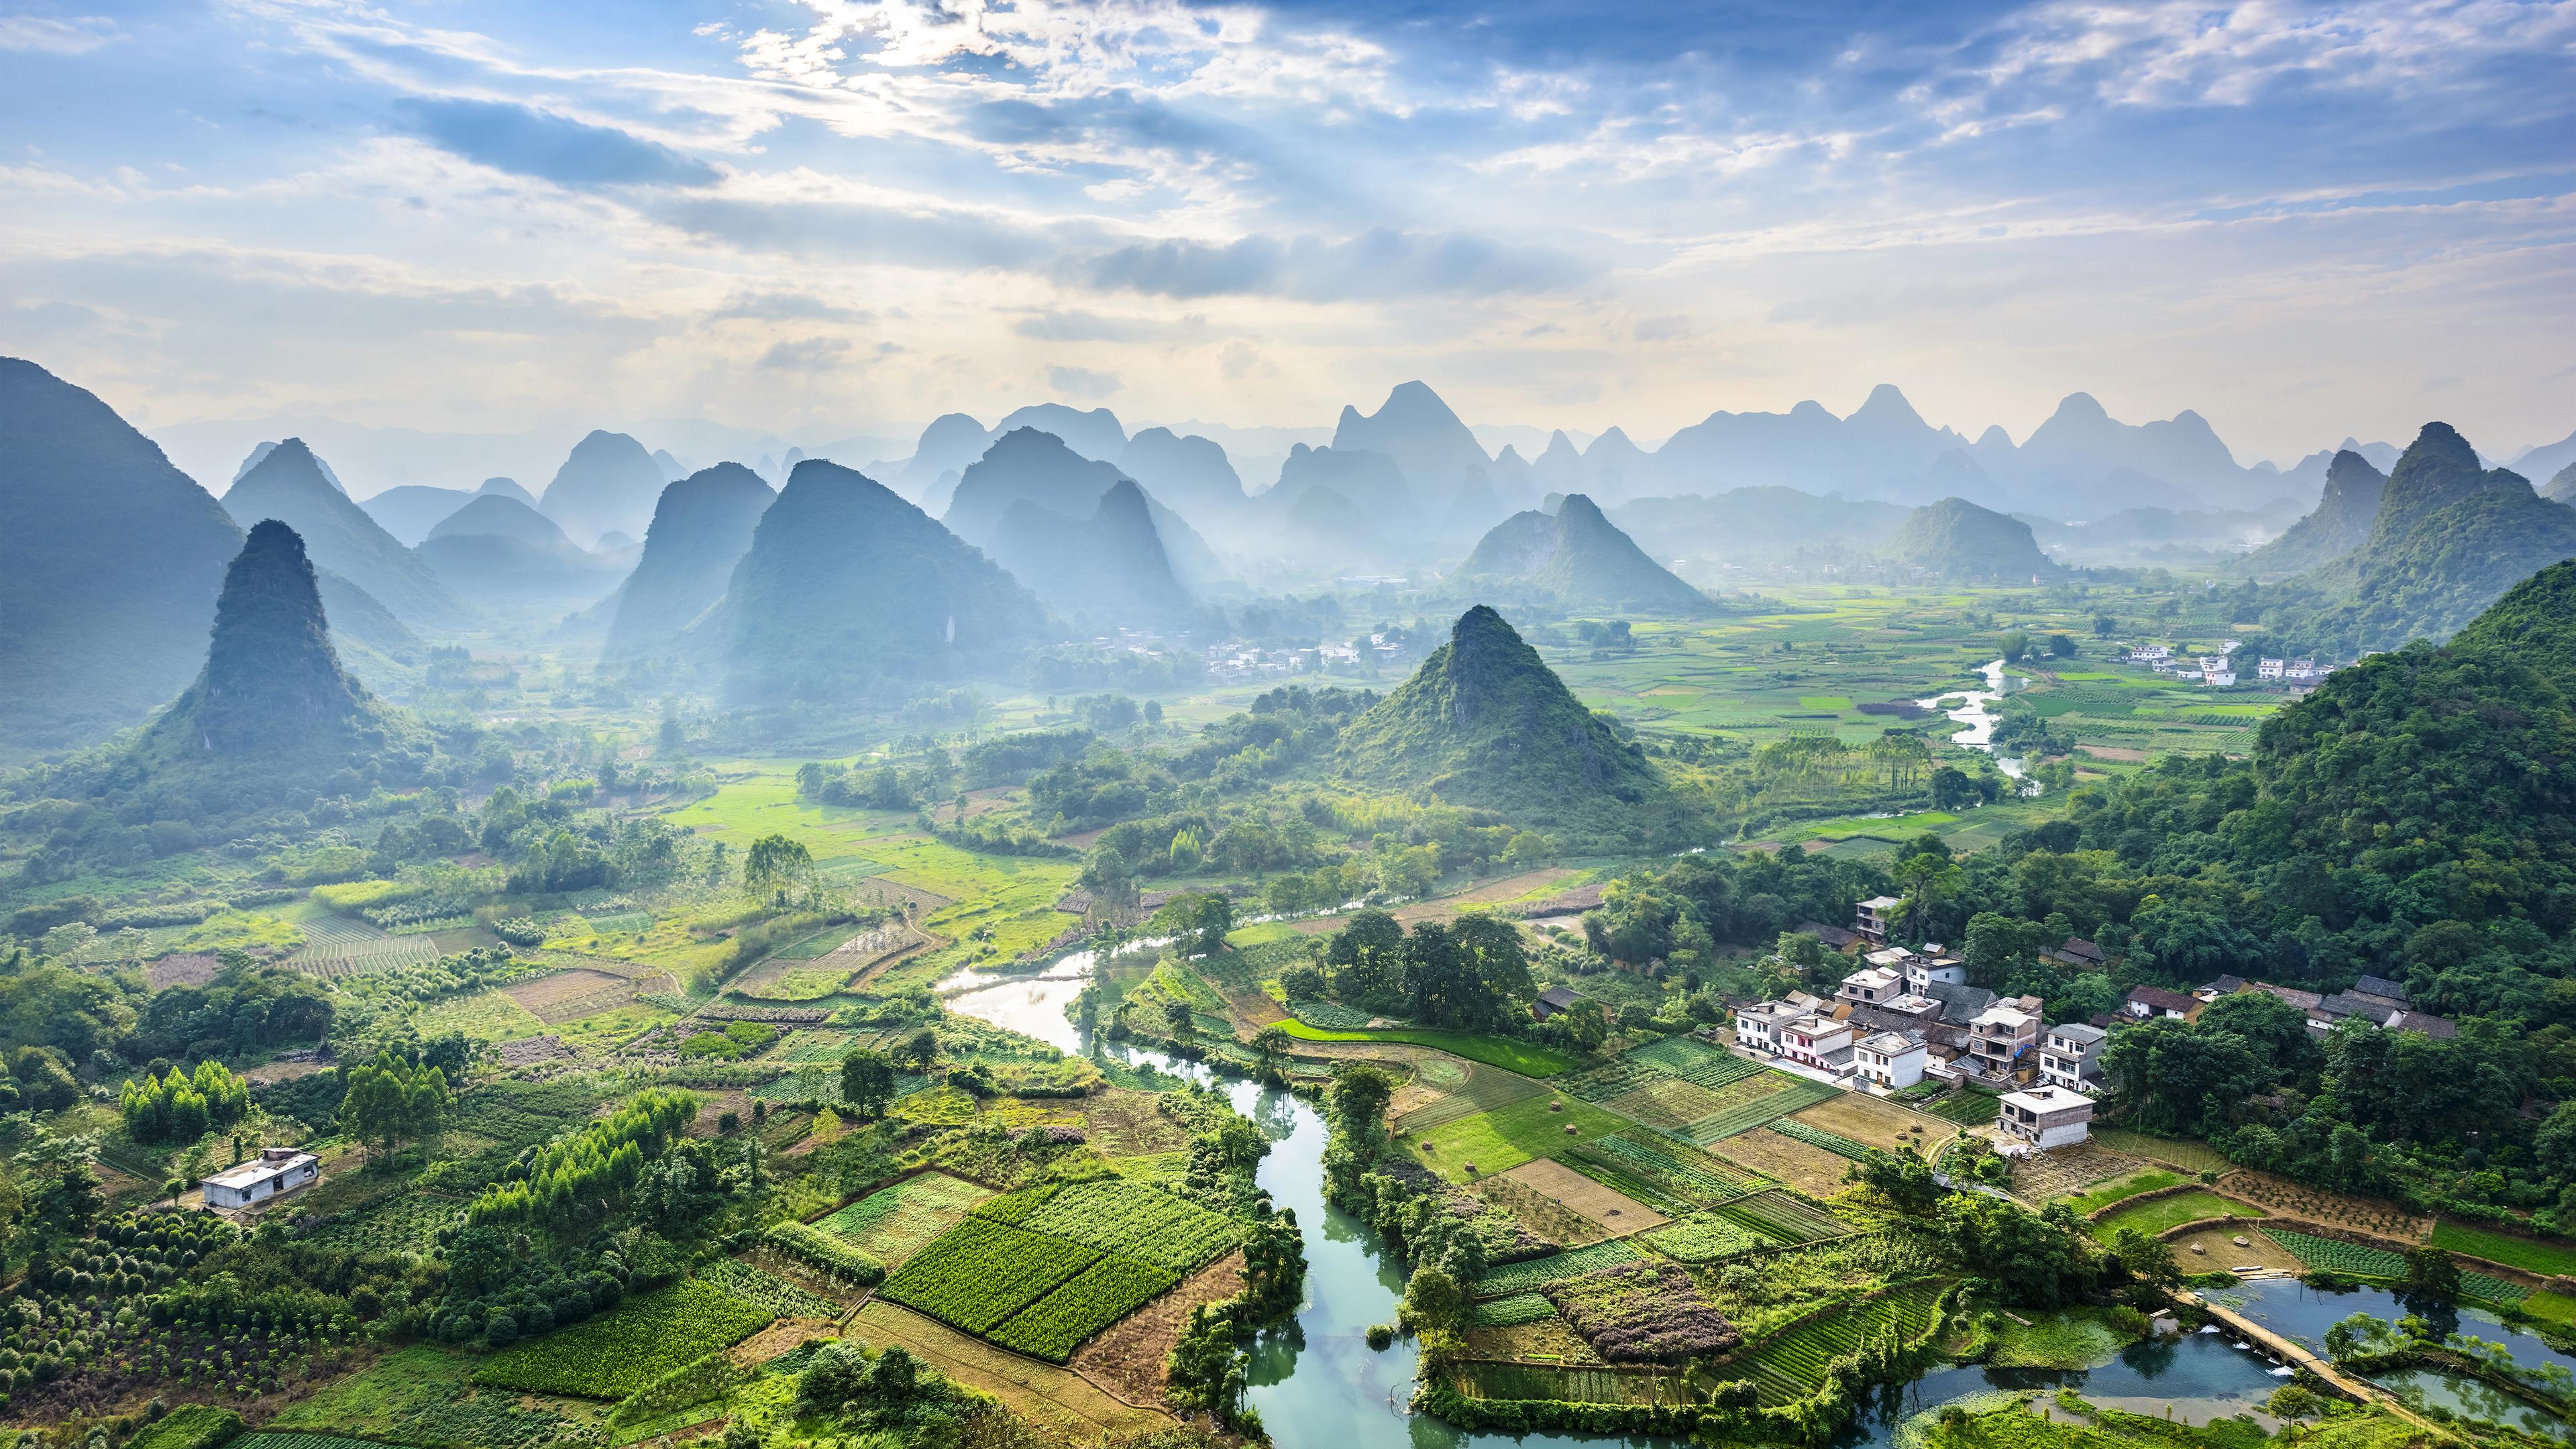 桂林山水自然风景.jpg